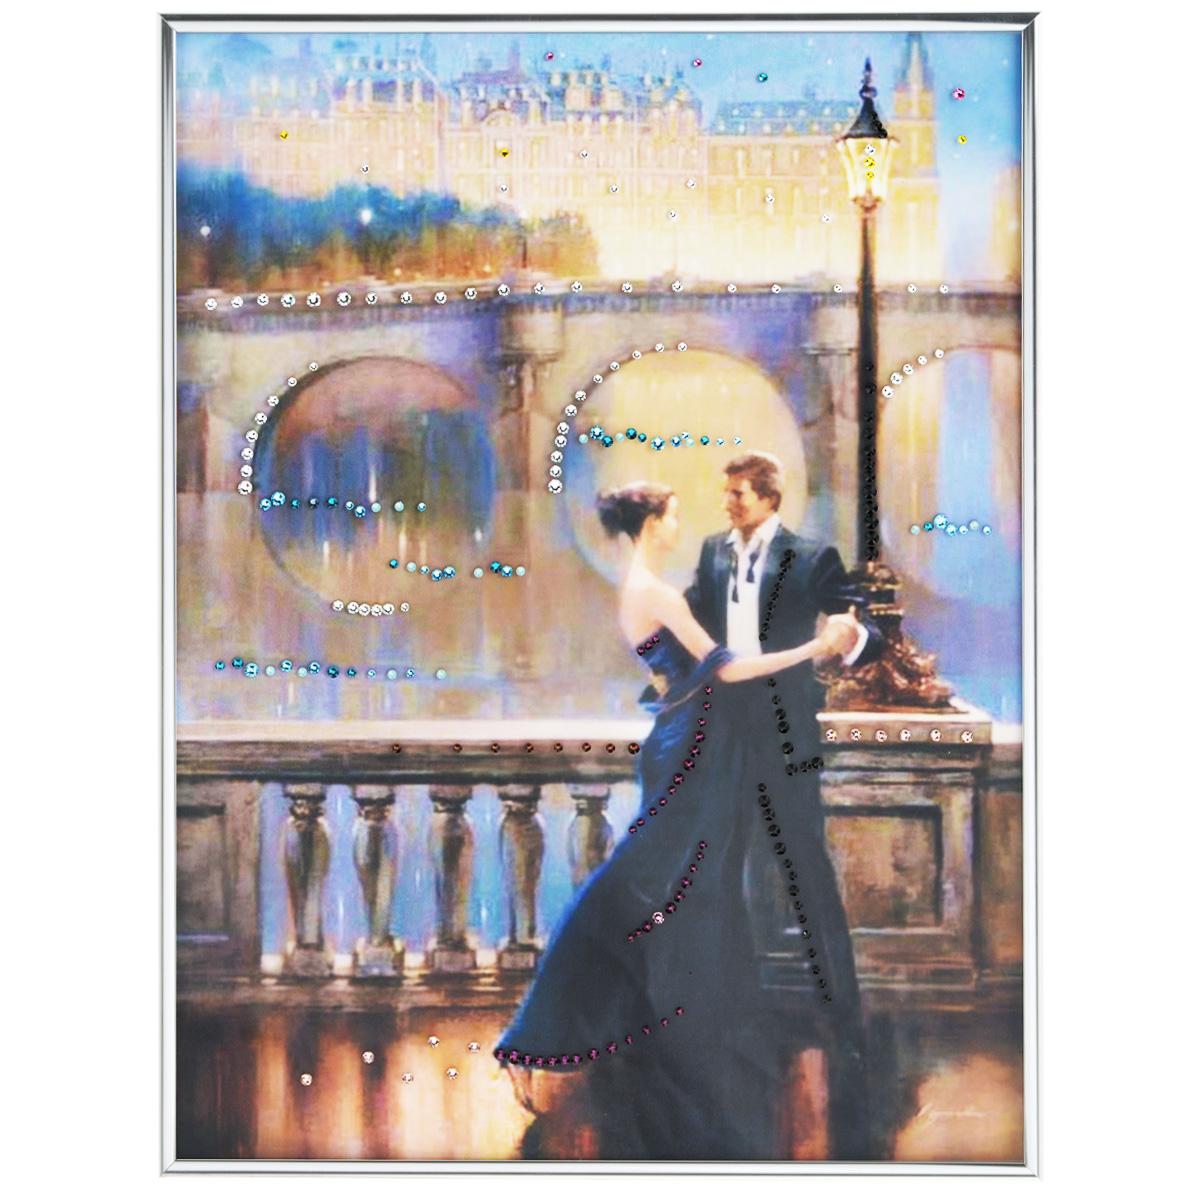 Картина с кристаллами Swarovski Танец любви, 30 см х 40 смIDEA FL2-02Изящная картина в багетной раме, инкрустирована кристаллами Swarovski, которые отличаются четкой и ровной огранкой, ярким блеском и чистотой цвета. Красочное изображение овечки, расположенное под стеклом, прекрасно дополняет блеск кристаллов. С обратной стороны имеется металлическая петелька для размещения картины на стене. Картина с кристаллами Swarovski Танец любви элегантно украсит интерьер дома или офиса, а также станет прекрасным подарком, который обязательно понравится получателю. Блеск кристаллов в интерьере, что может быть сказочнее и удивительнее. Картина упакована в подарочную картонную коробку синего цвета и комплектуется сертификатом соответствия Swarovski. Количество кристаллов: 219 шт. Размер картины: 30 см х 40 см.